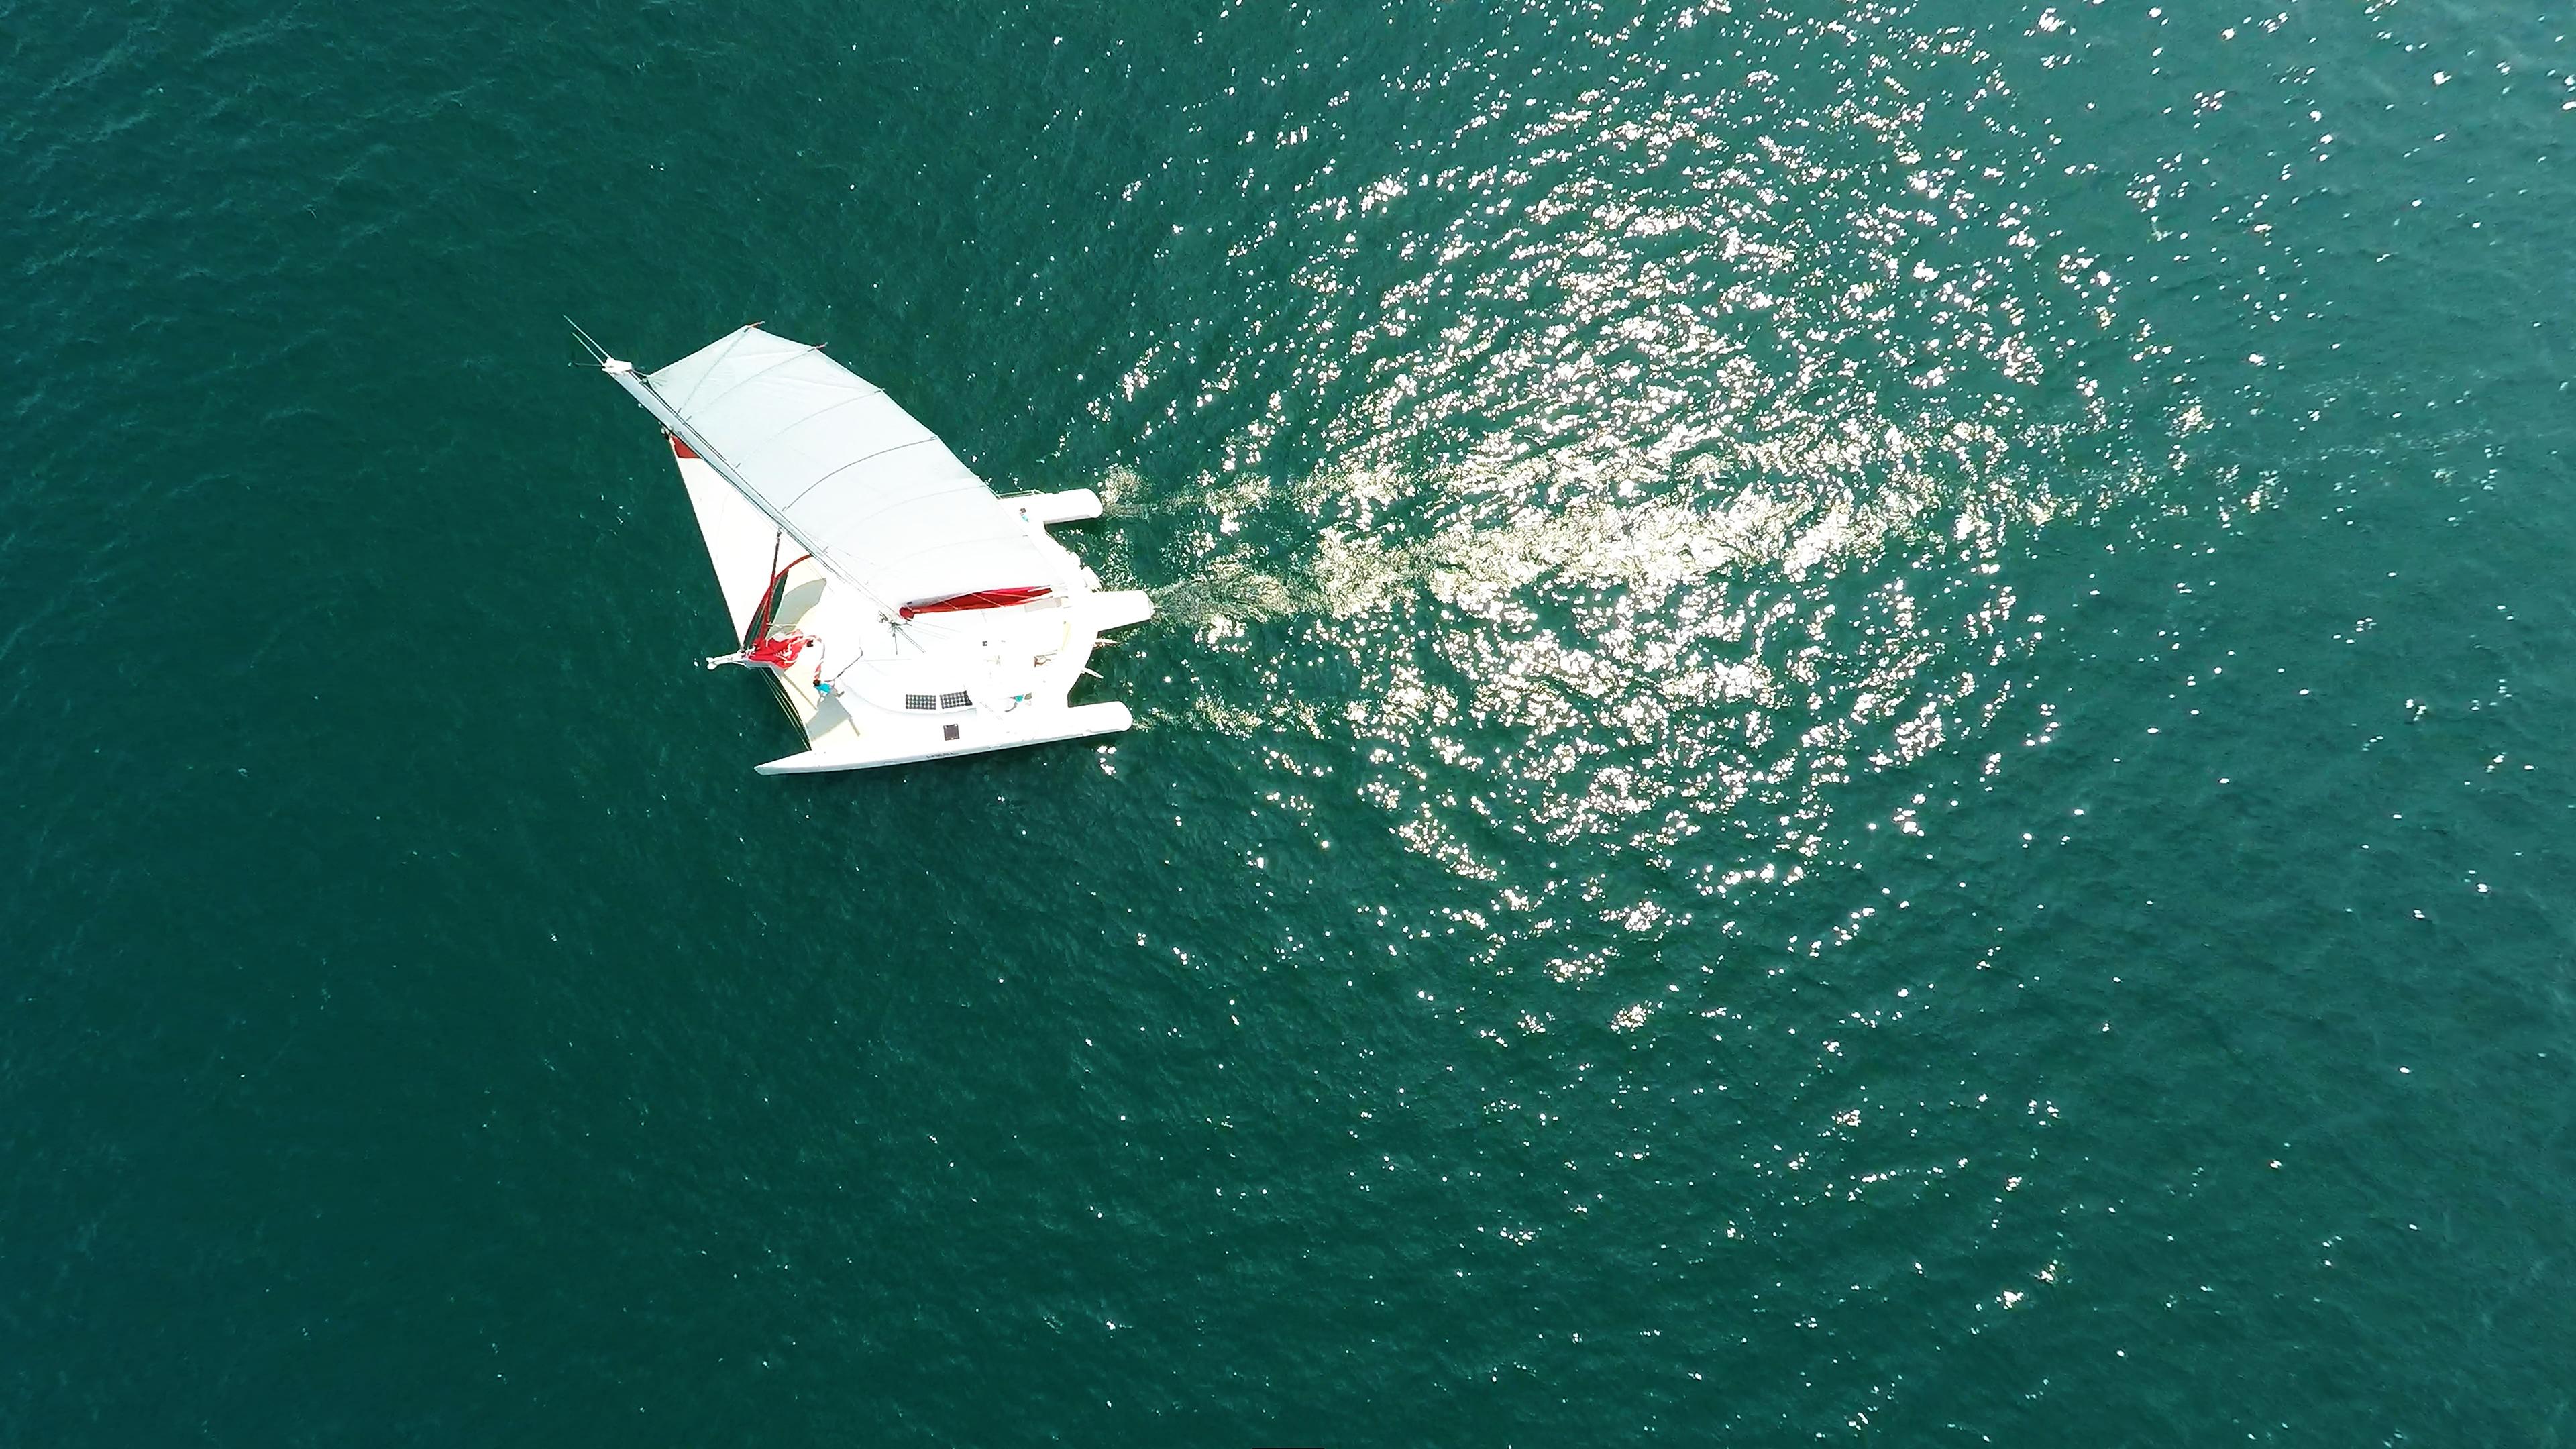 barca a vela trimarano a noleggio foto aerea nadir